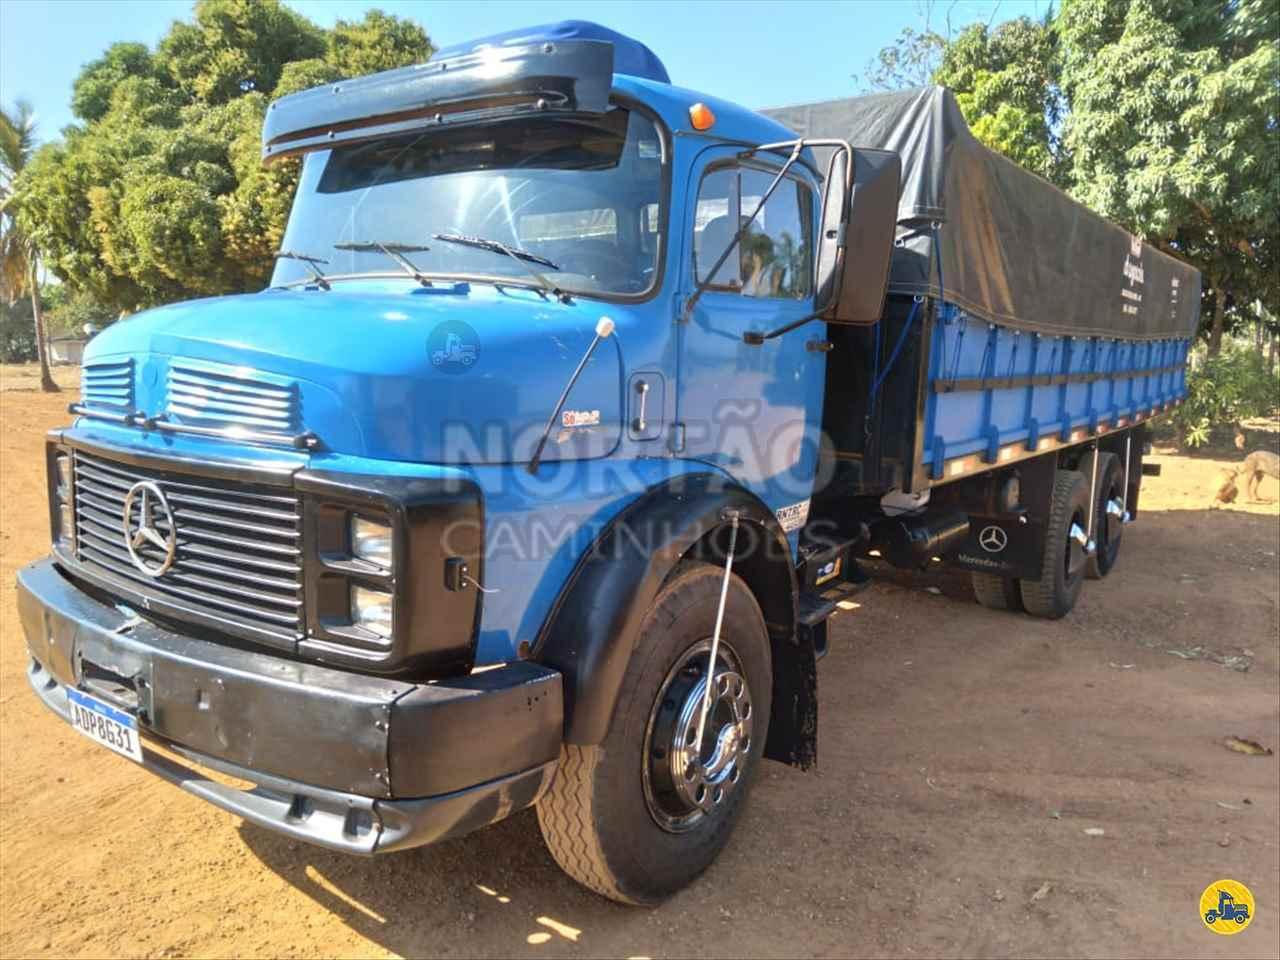 CAMINHAO MERCEDES-BENZ MB 1516 Graneleiro Truck 6x2 Nortão Caminhões VARZEA GRANDE MATO GROSSO MT